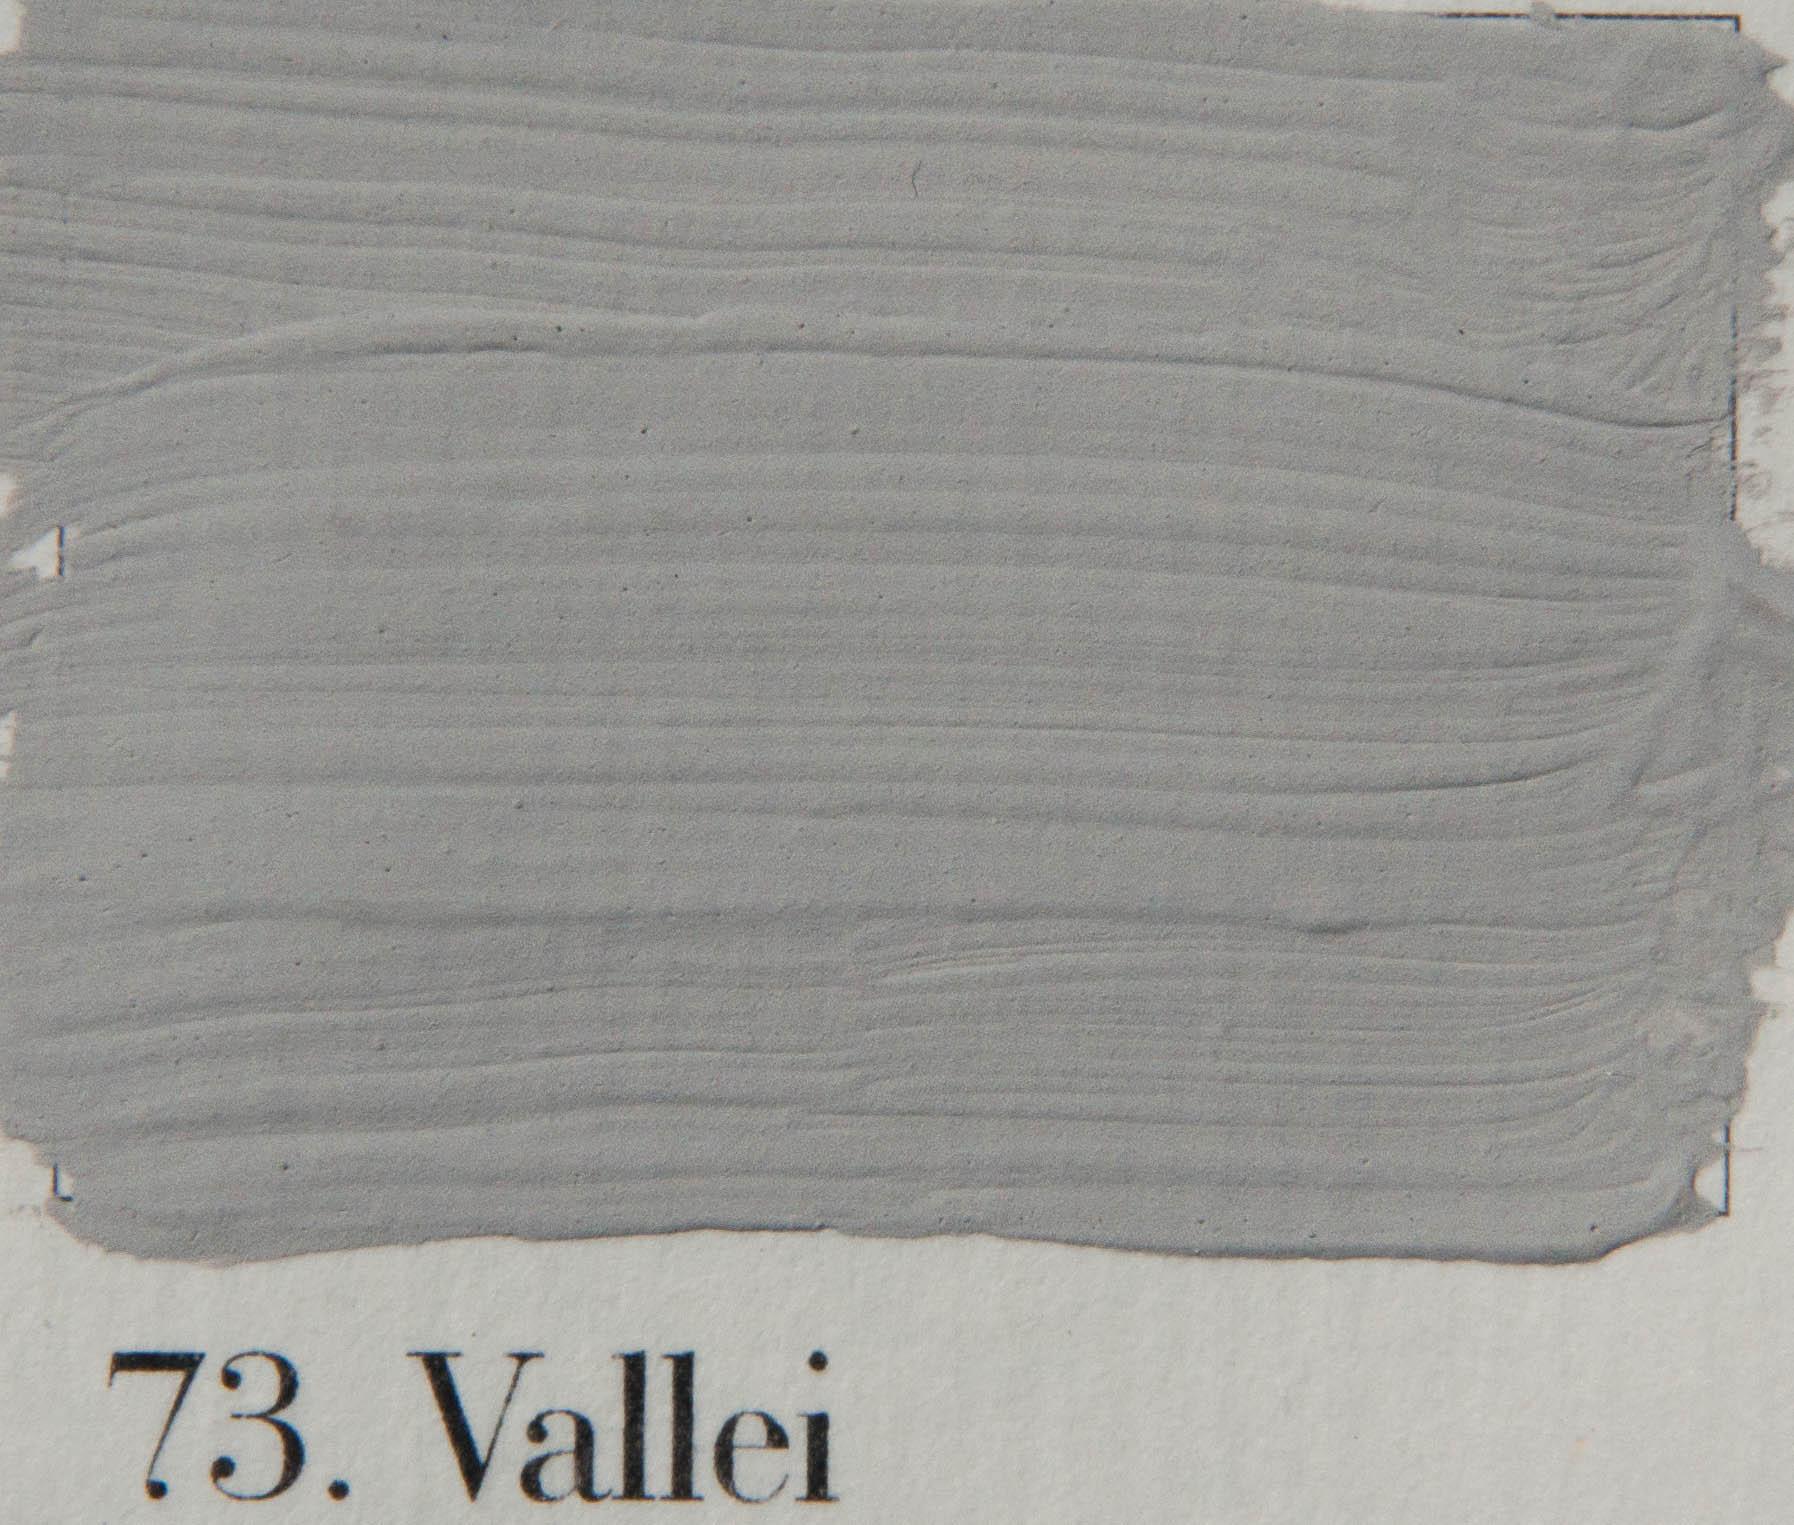 'l Authentique krijtverf 73. Vallei